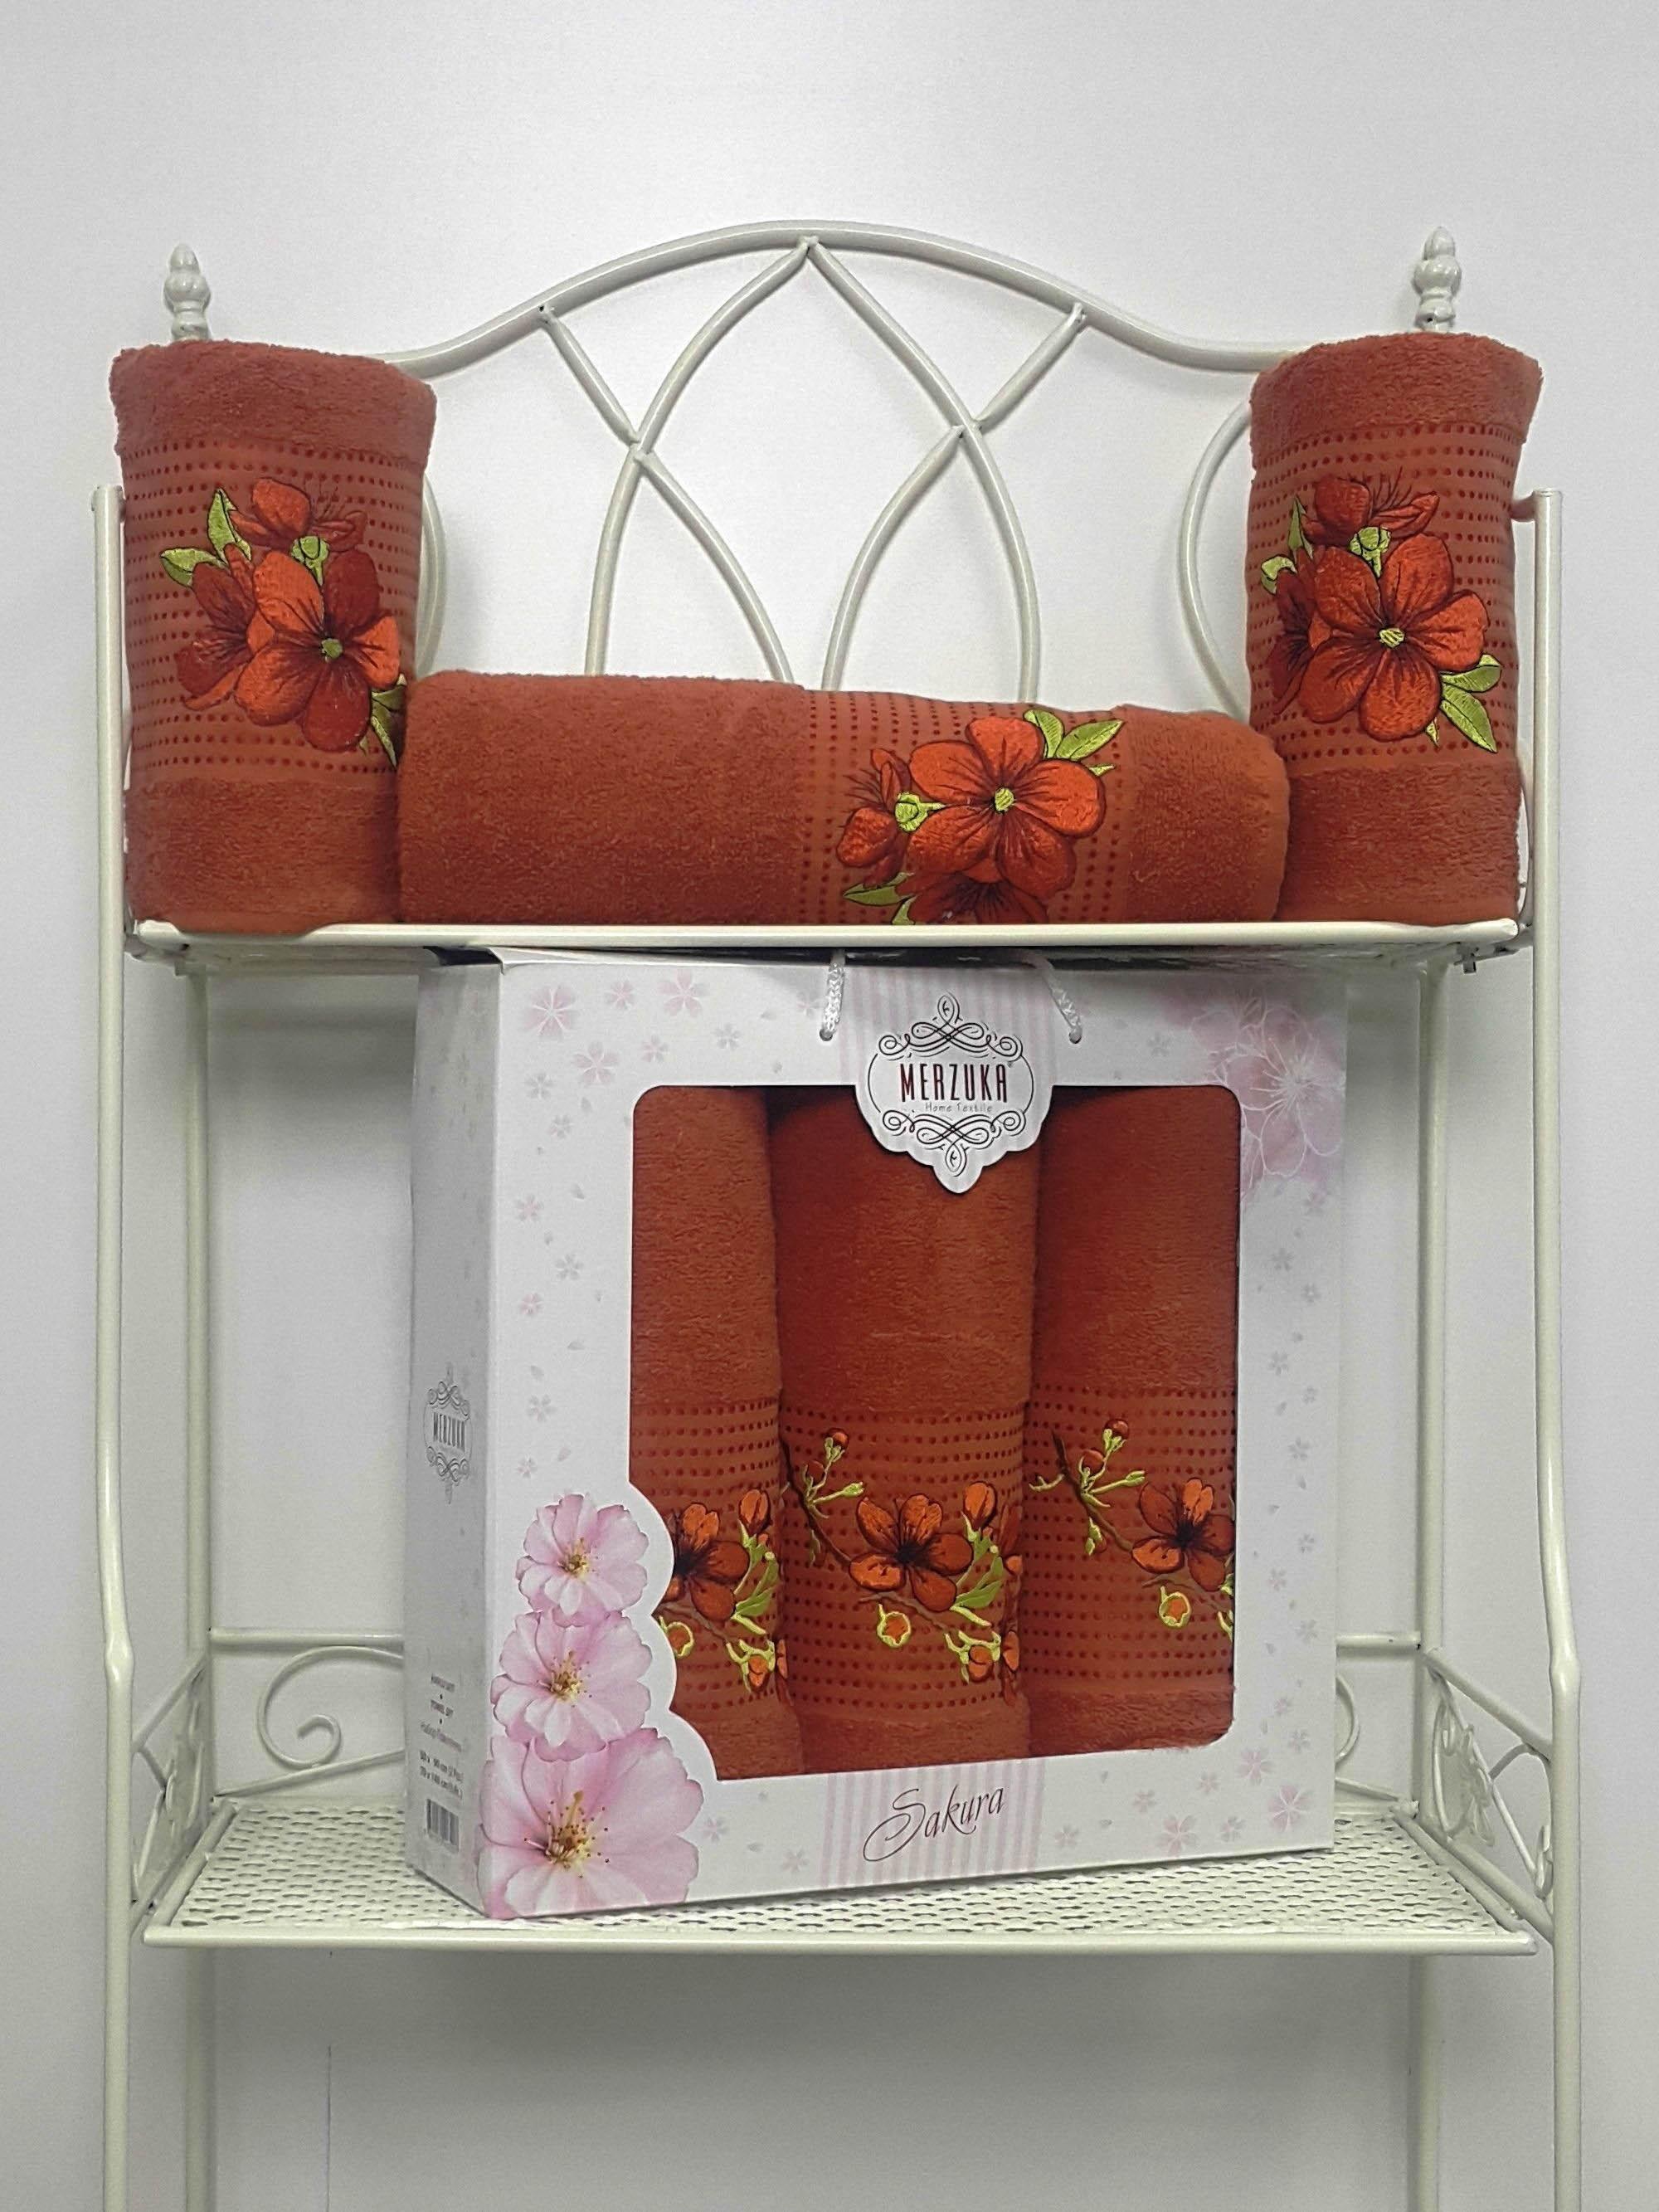 Полотенца Oran Merzuka Полотенце Sakura Цвет: Терракотовый (Набор) полотенца oran merzuka набор из 3 полотенец sakura цвет зелёный